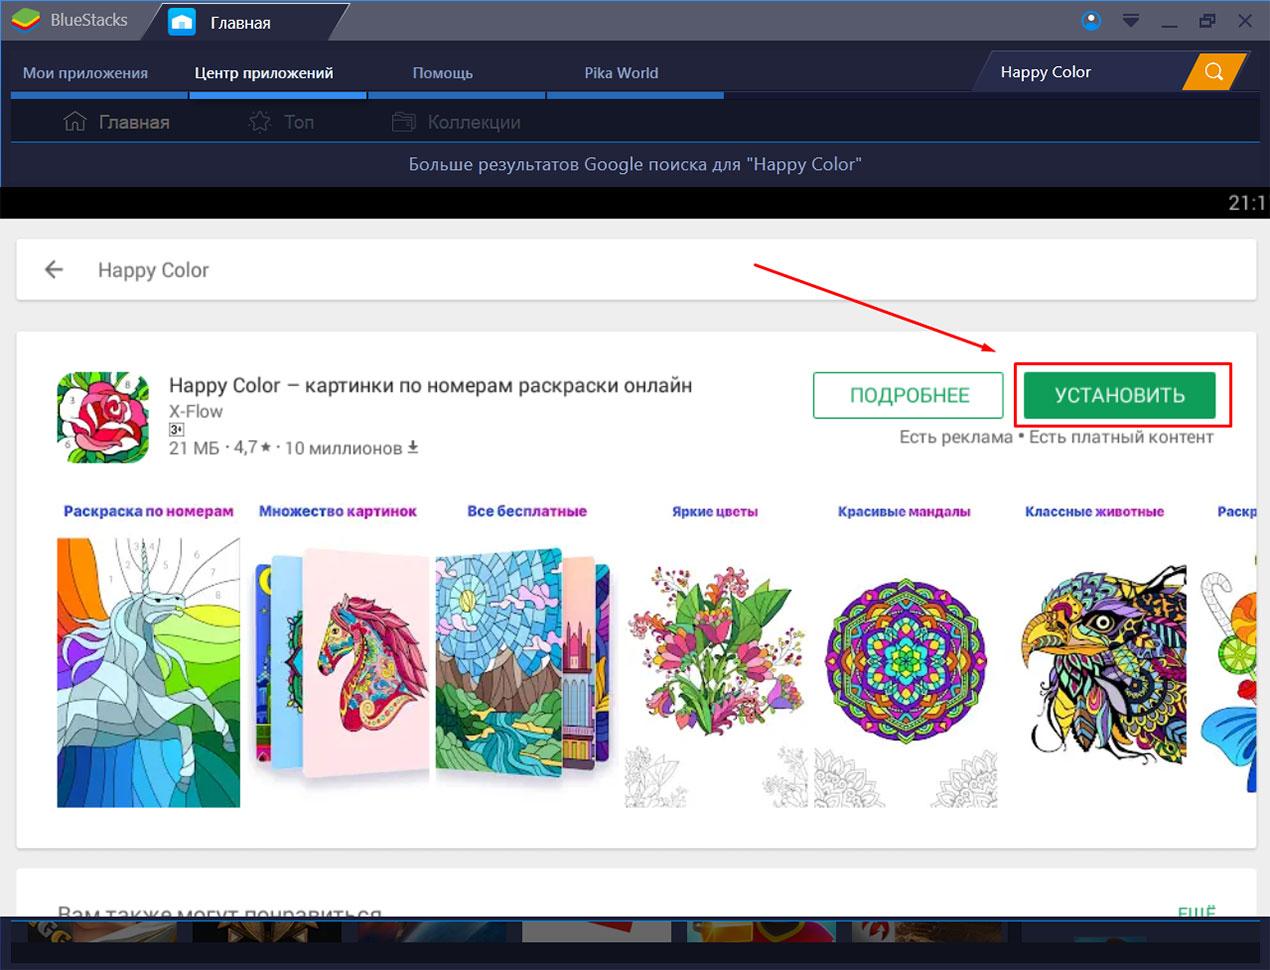 скачать Happy Color на компьютер виндовс 7 8 10 бесплатно